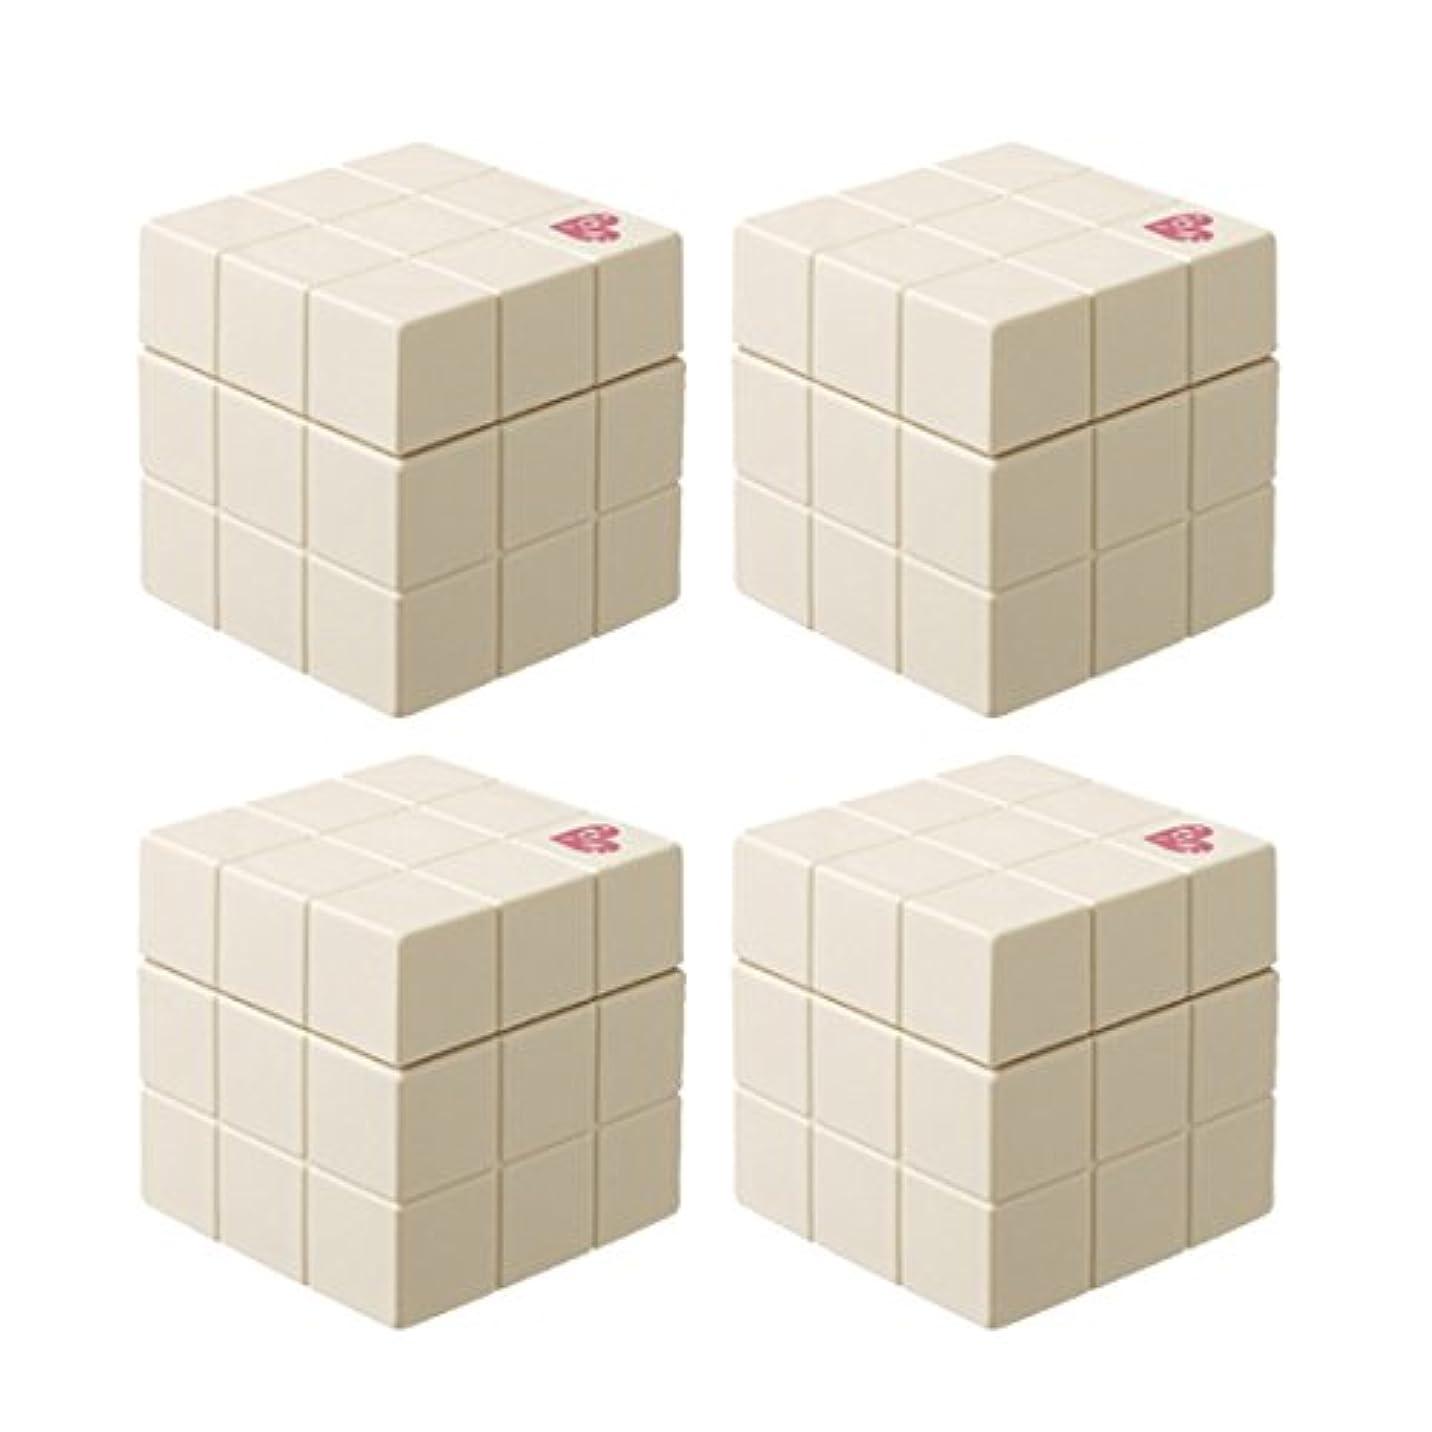 準備するコミュニケーション疲労【x4個セット】 アリミノ ピース プロデザインシリーズ ニュアンスワックス バニラ 80g